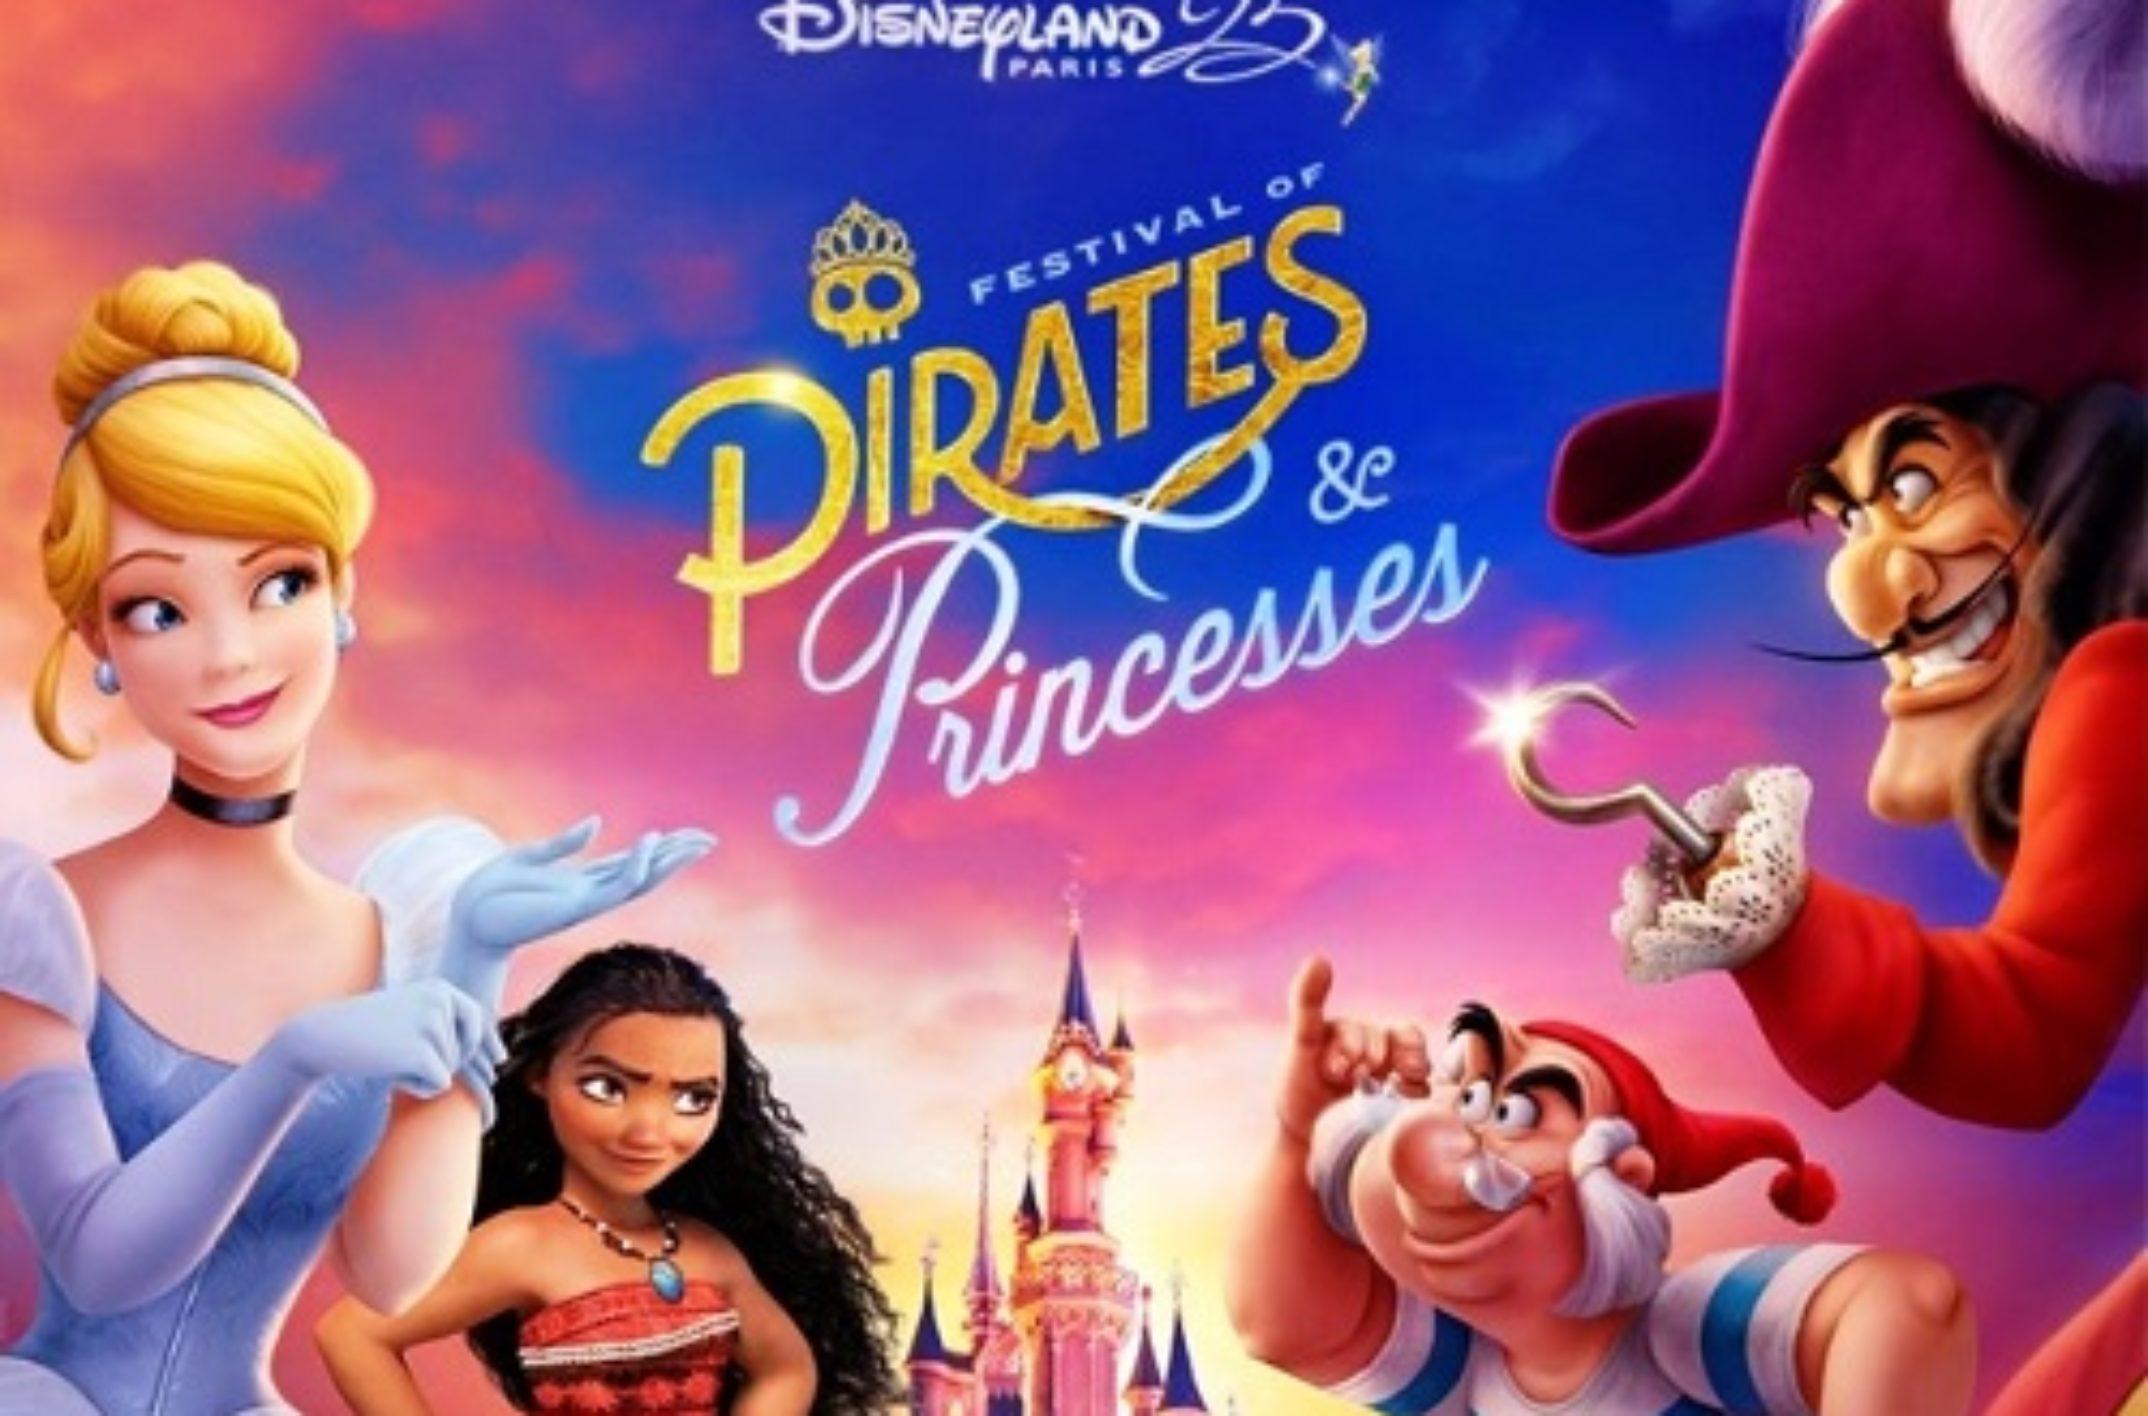 5 séjours et 12 lots de 4 entrées pour les parcs Disney à gagner avec Version Femina